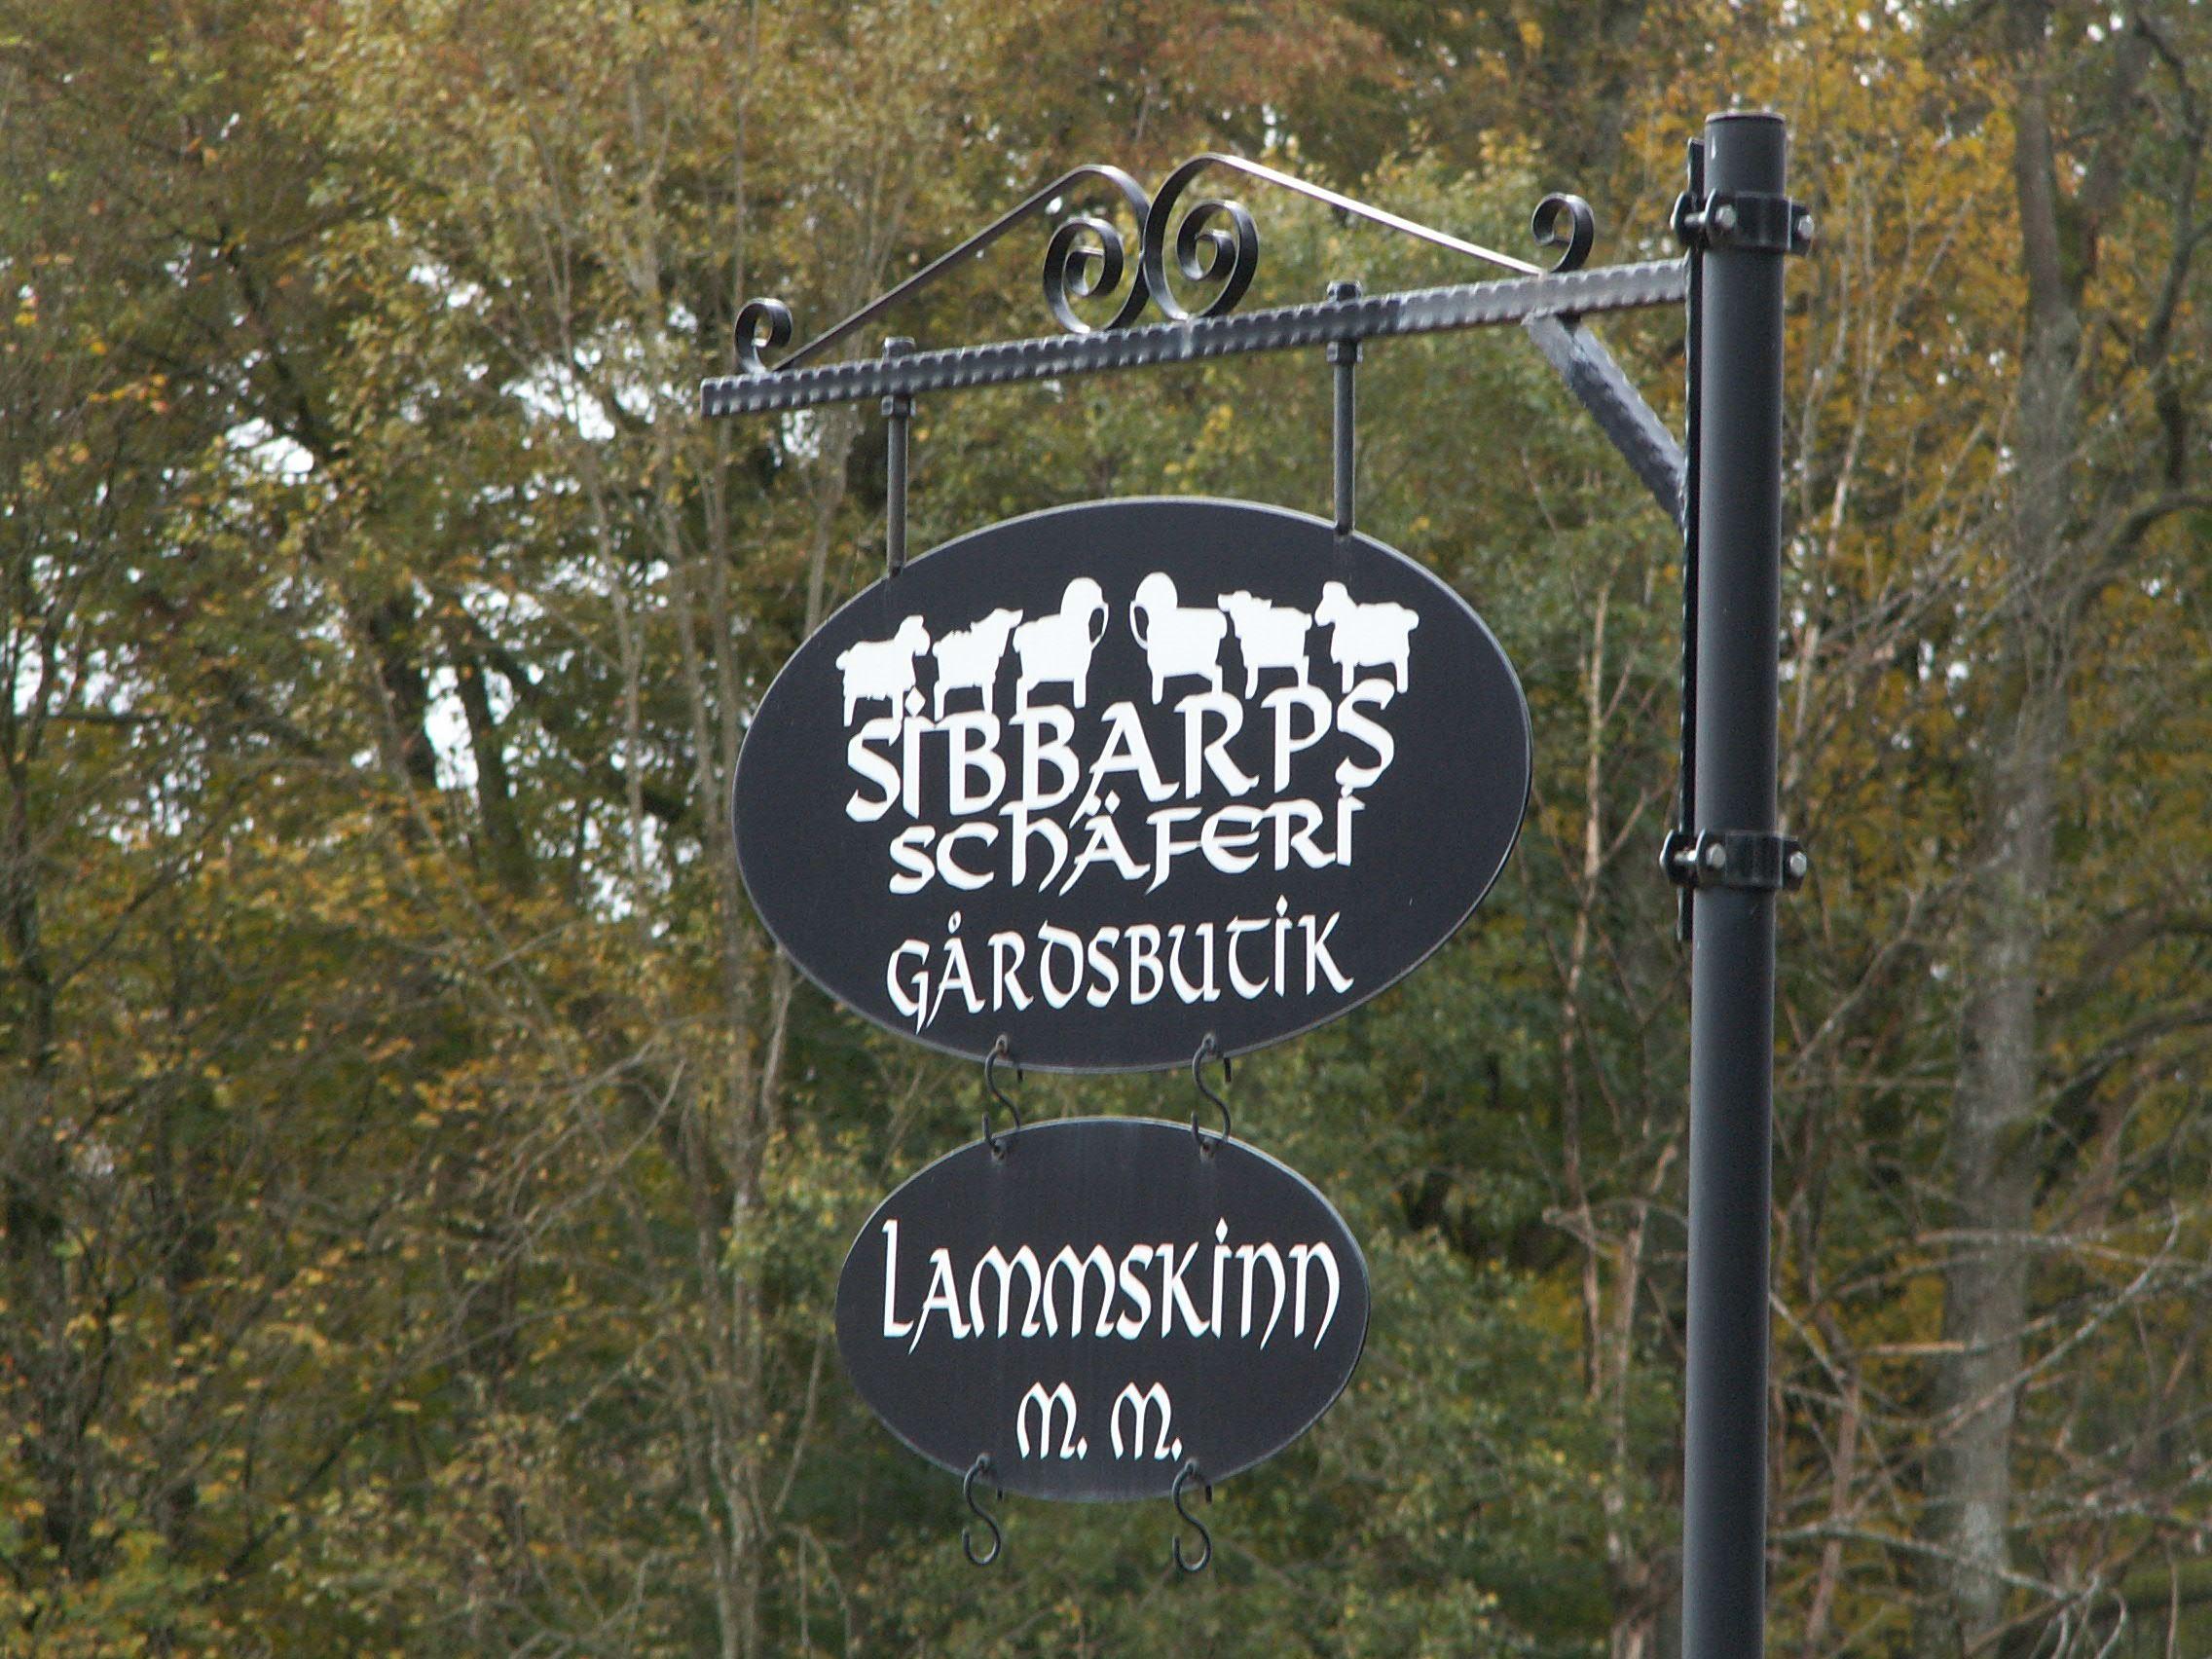 Sibbarps Schäferi